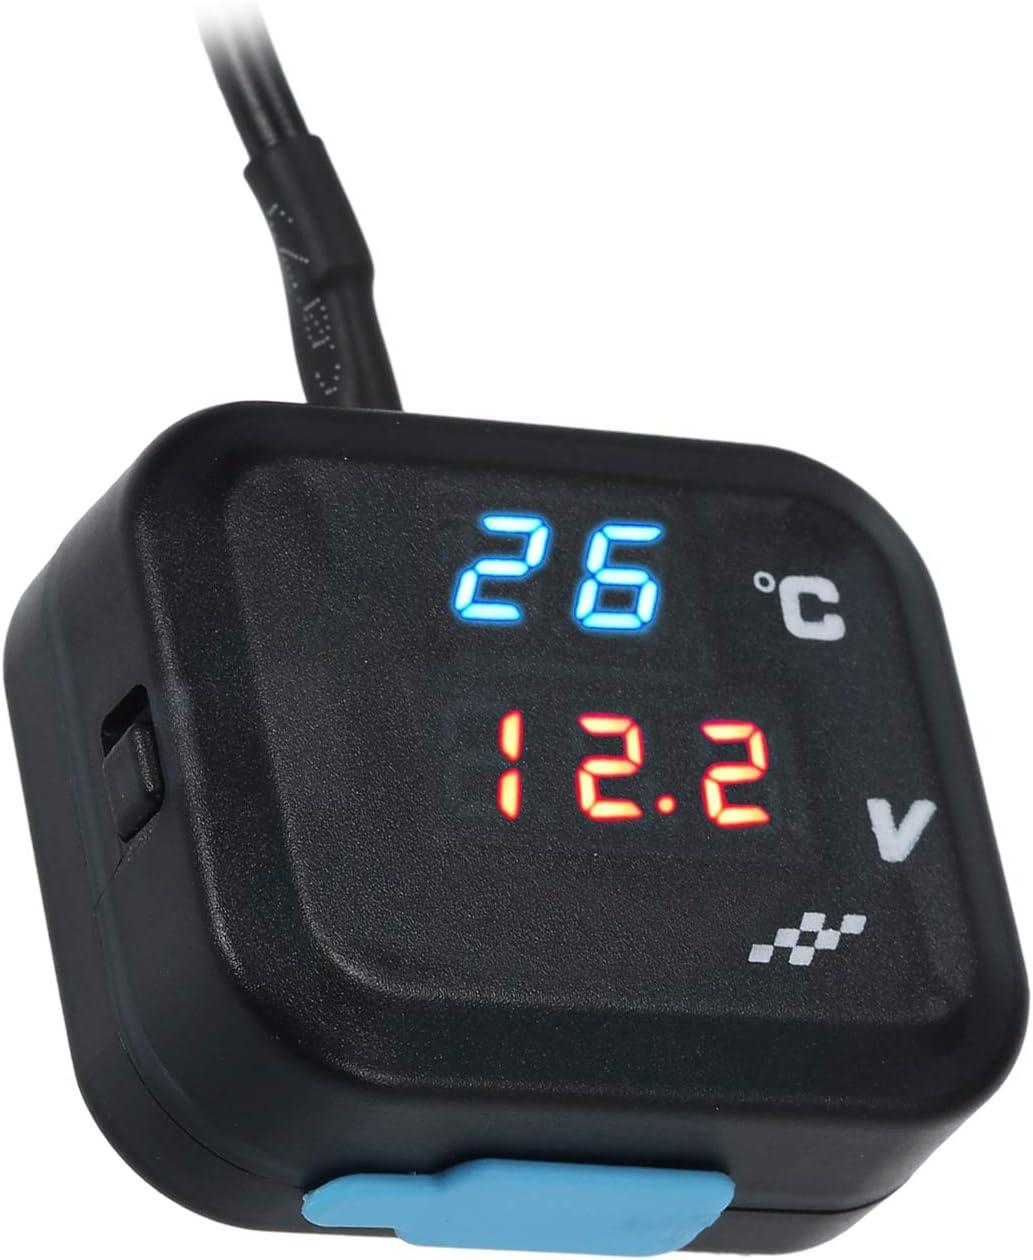 Kkmoon Wassertemperaturanzeiger Motorrad Universal Digital Blaue Led Wassertemperatur Temperaturanzeige 0 99 Voltmeter Messgerät Bereich Mit Blau Rot Licht Led Anzeige Auto